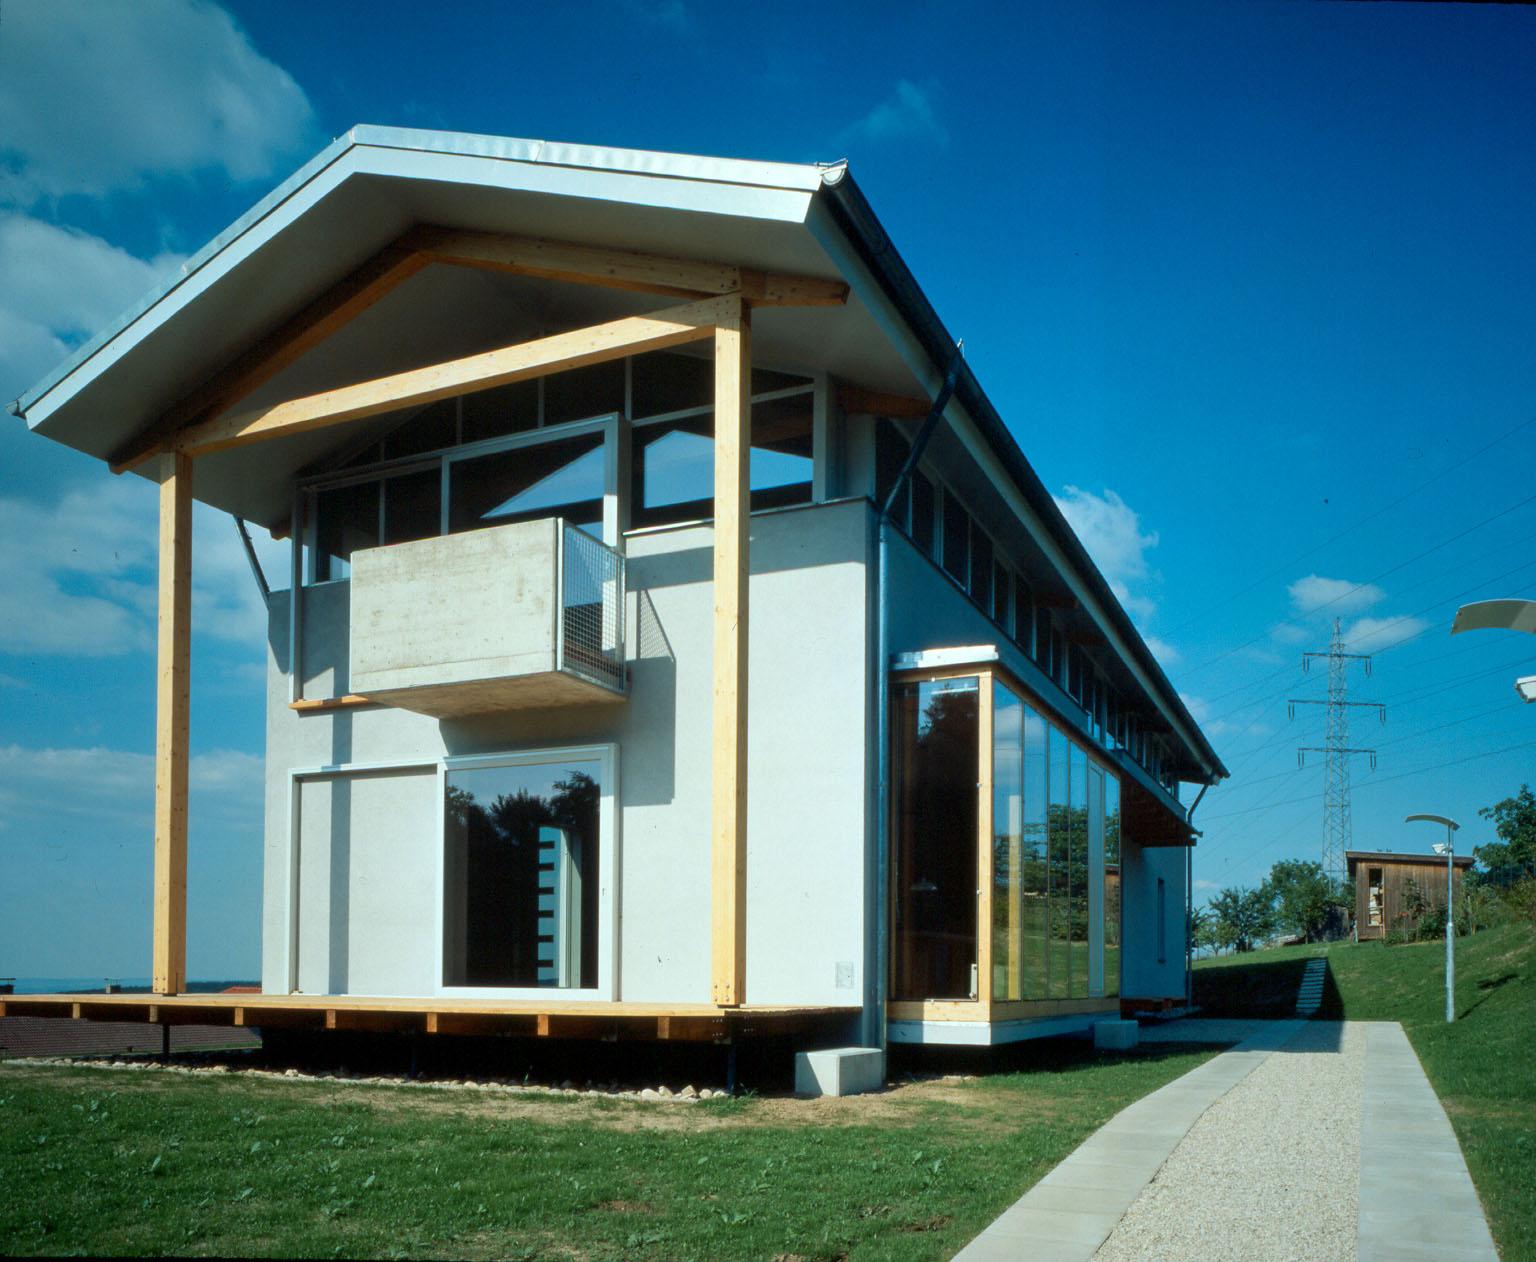 <p>© RUNSER / PRANTL architekten, Haus am Hang, 3413 Hintersdorf, Niederösterreich, Österreich,1994, Wohnhaus, Wohnung, Fotograf Margherita Spiluttini</p>